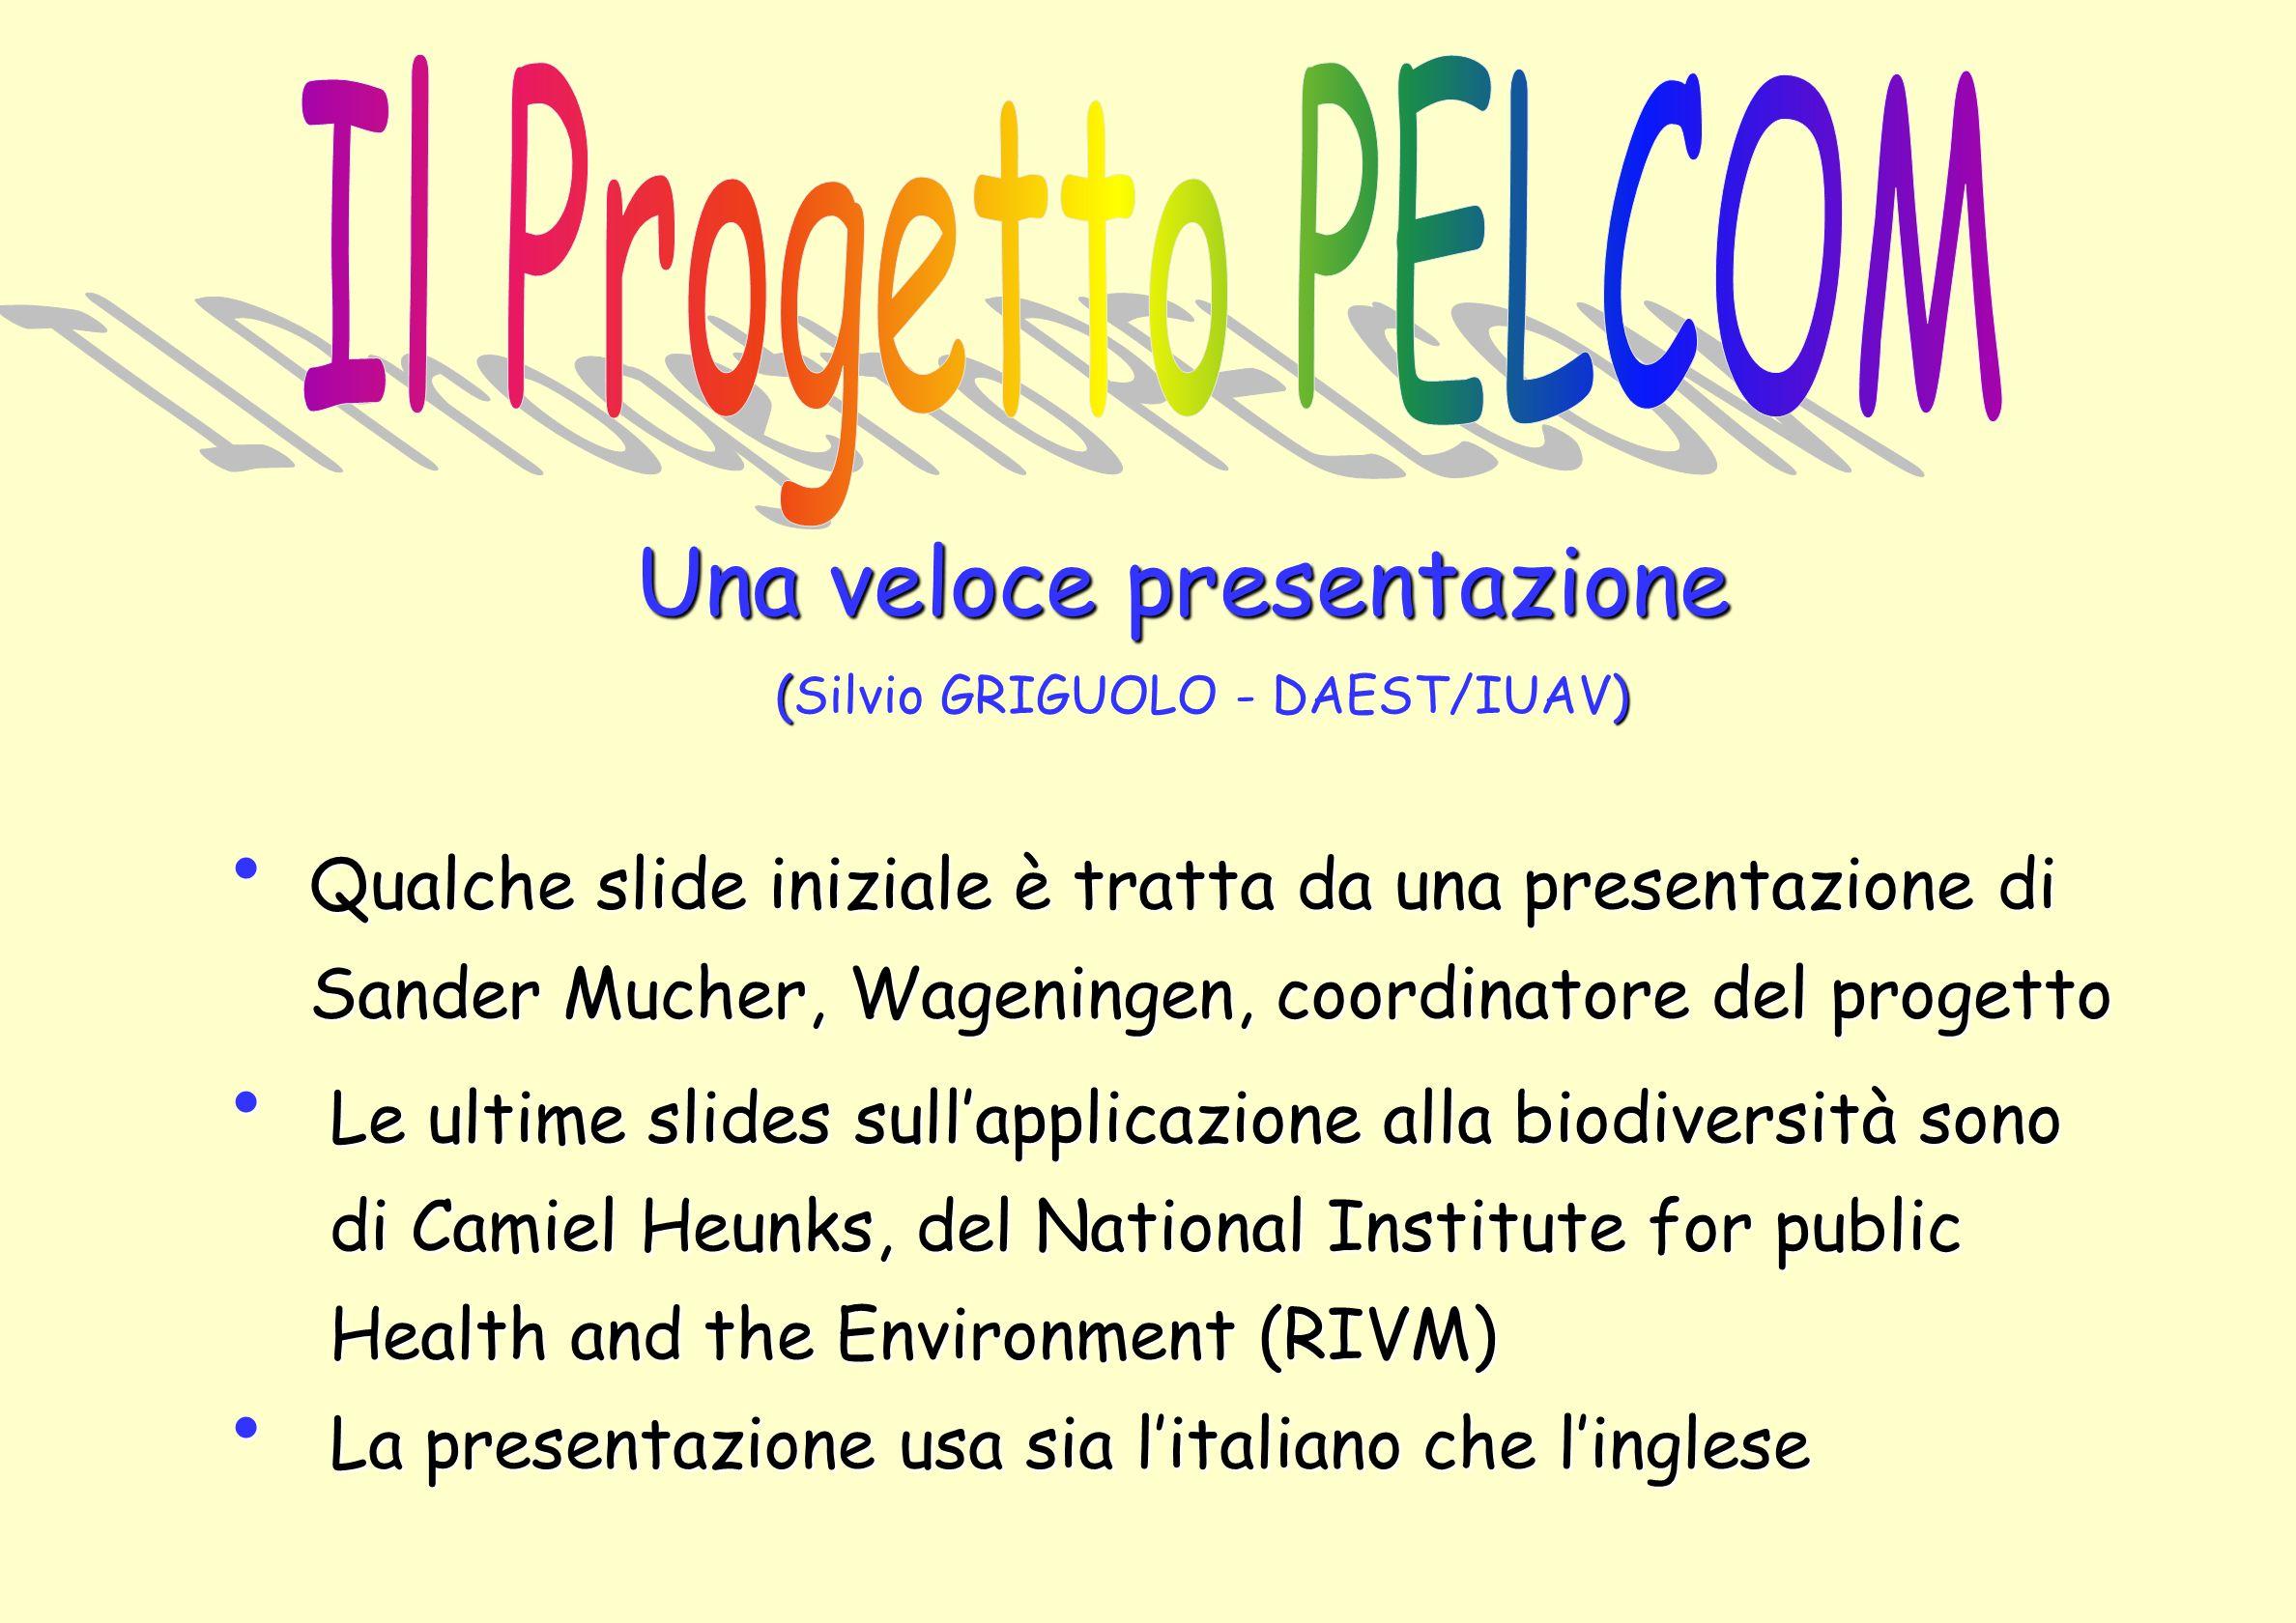 Una veloce presentazione () (Silvio GRIGUOLO - DAEST/IUAV) Qualche slide iniziale è tratta da una presentazione di Qualche slide iniziale è tratta da